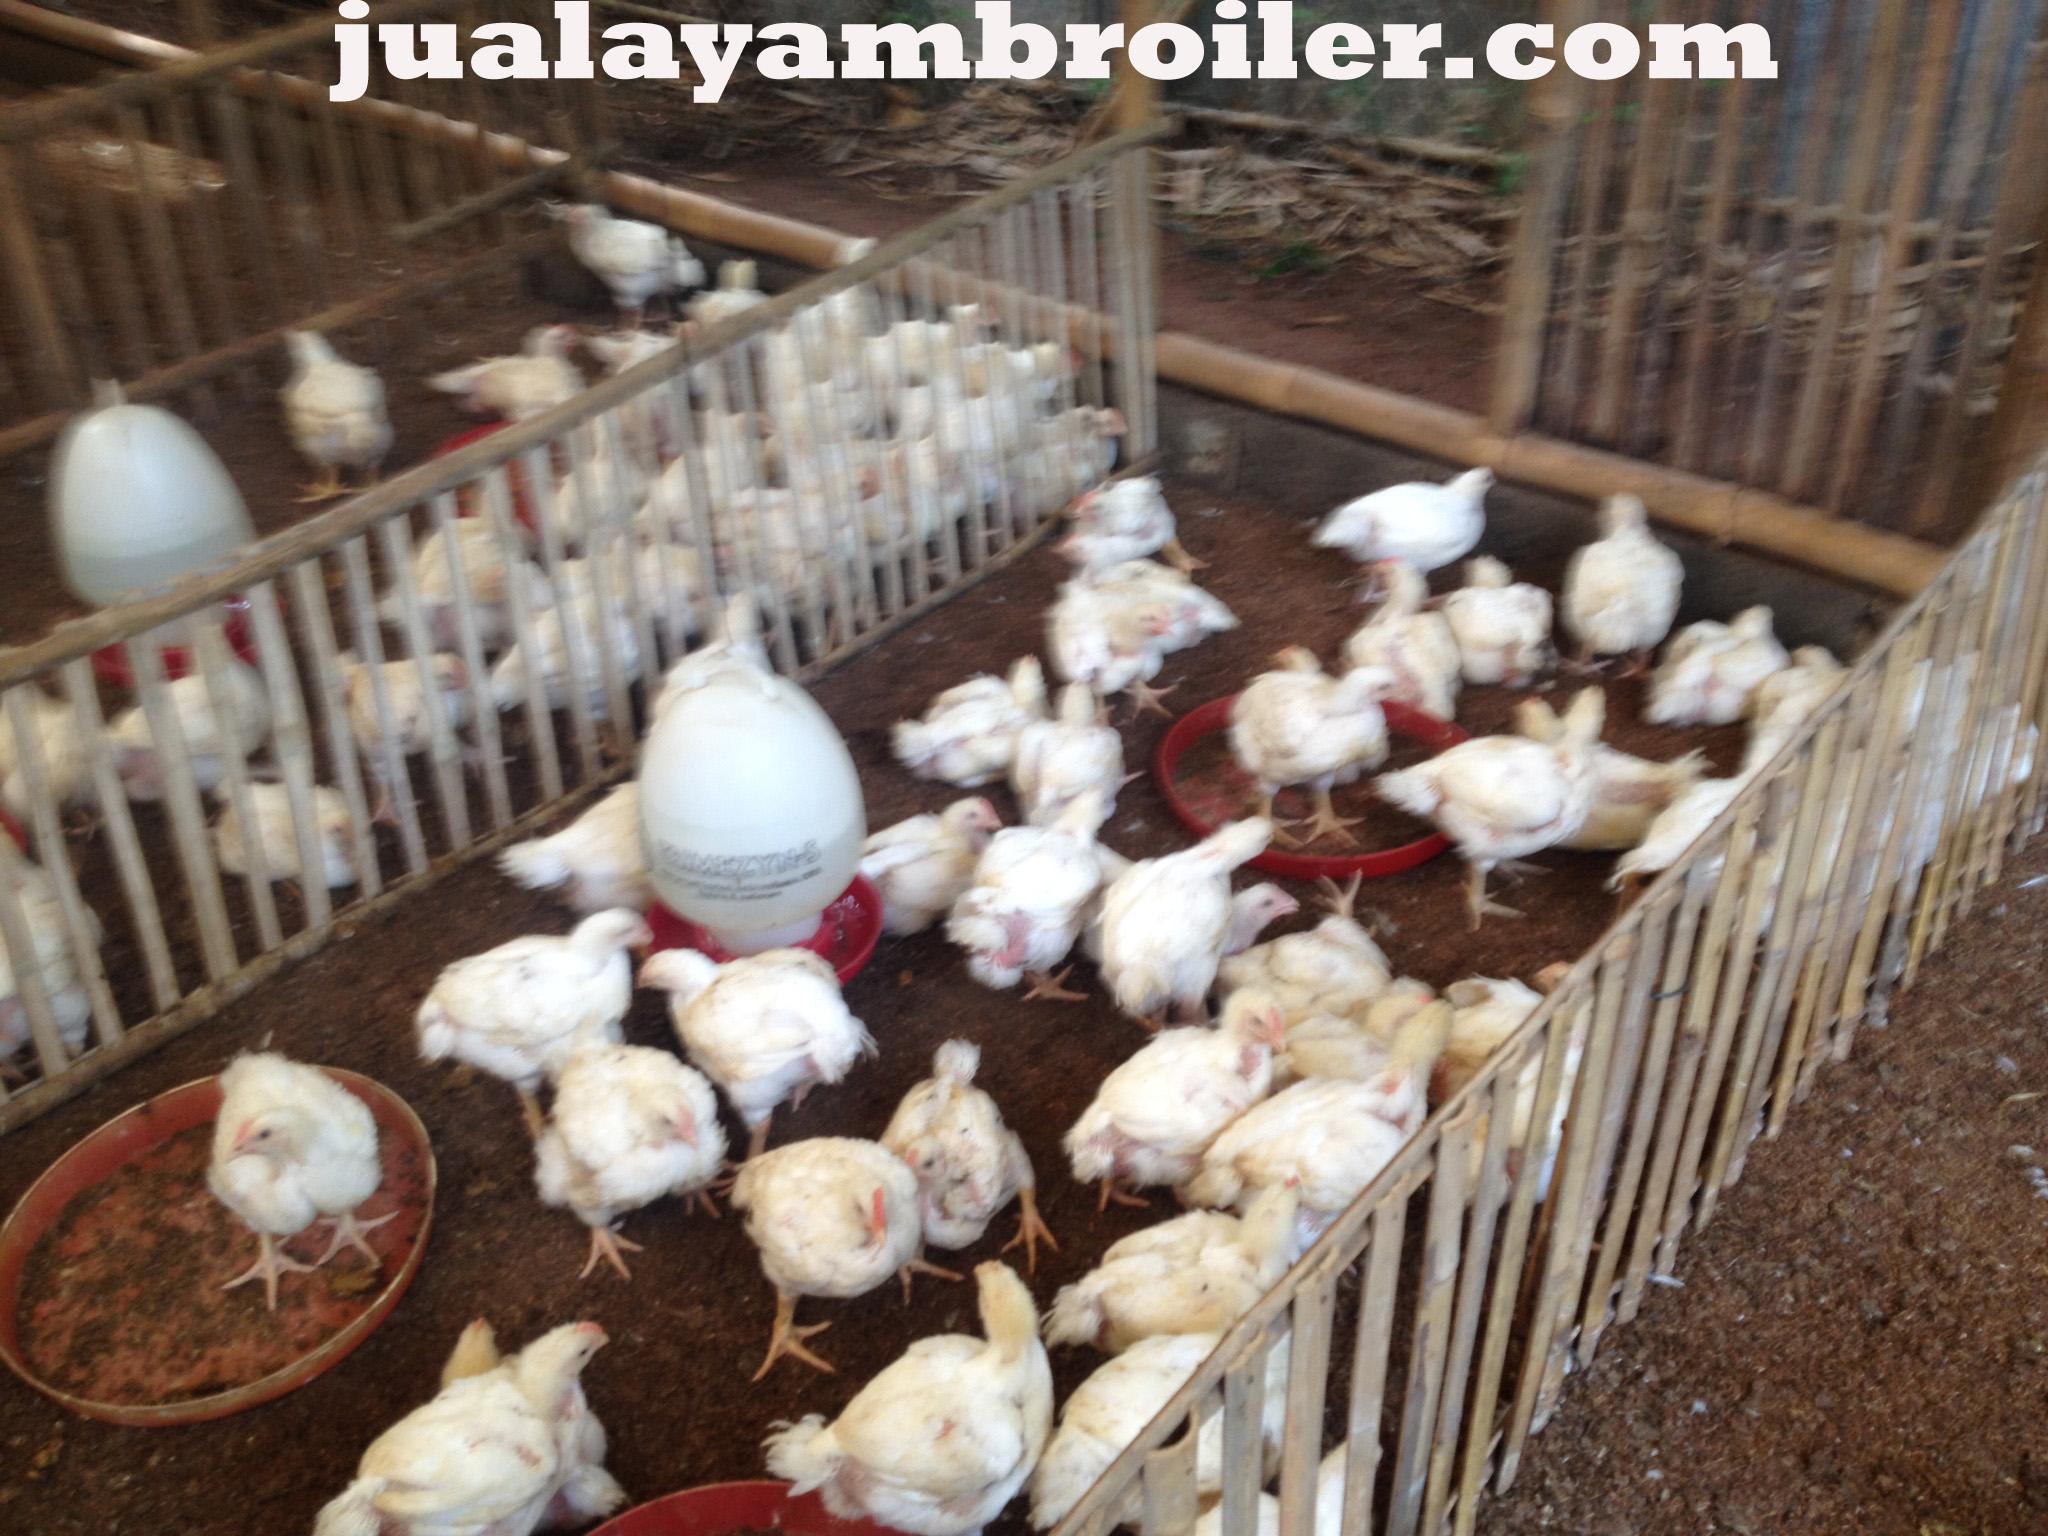 Jual Ayam Broiler di Pondok Cabe Tangerang Selatan